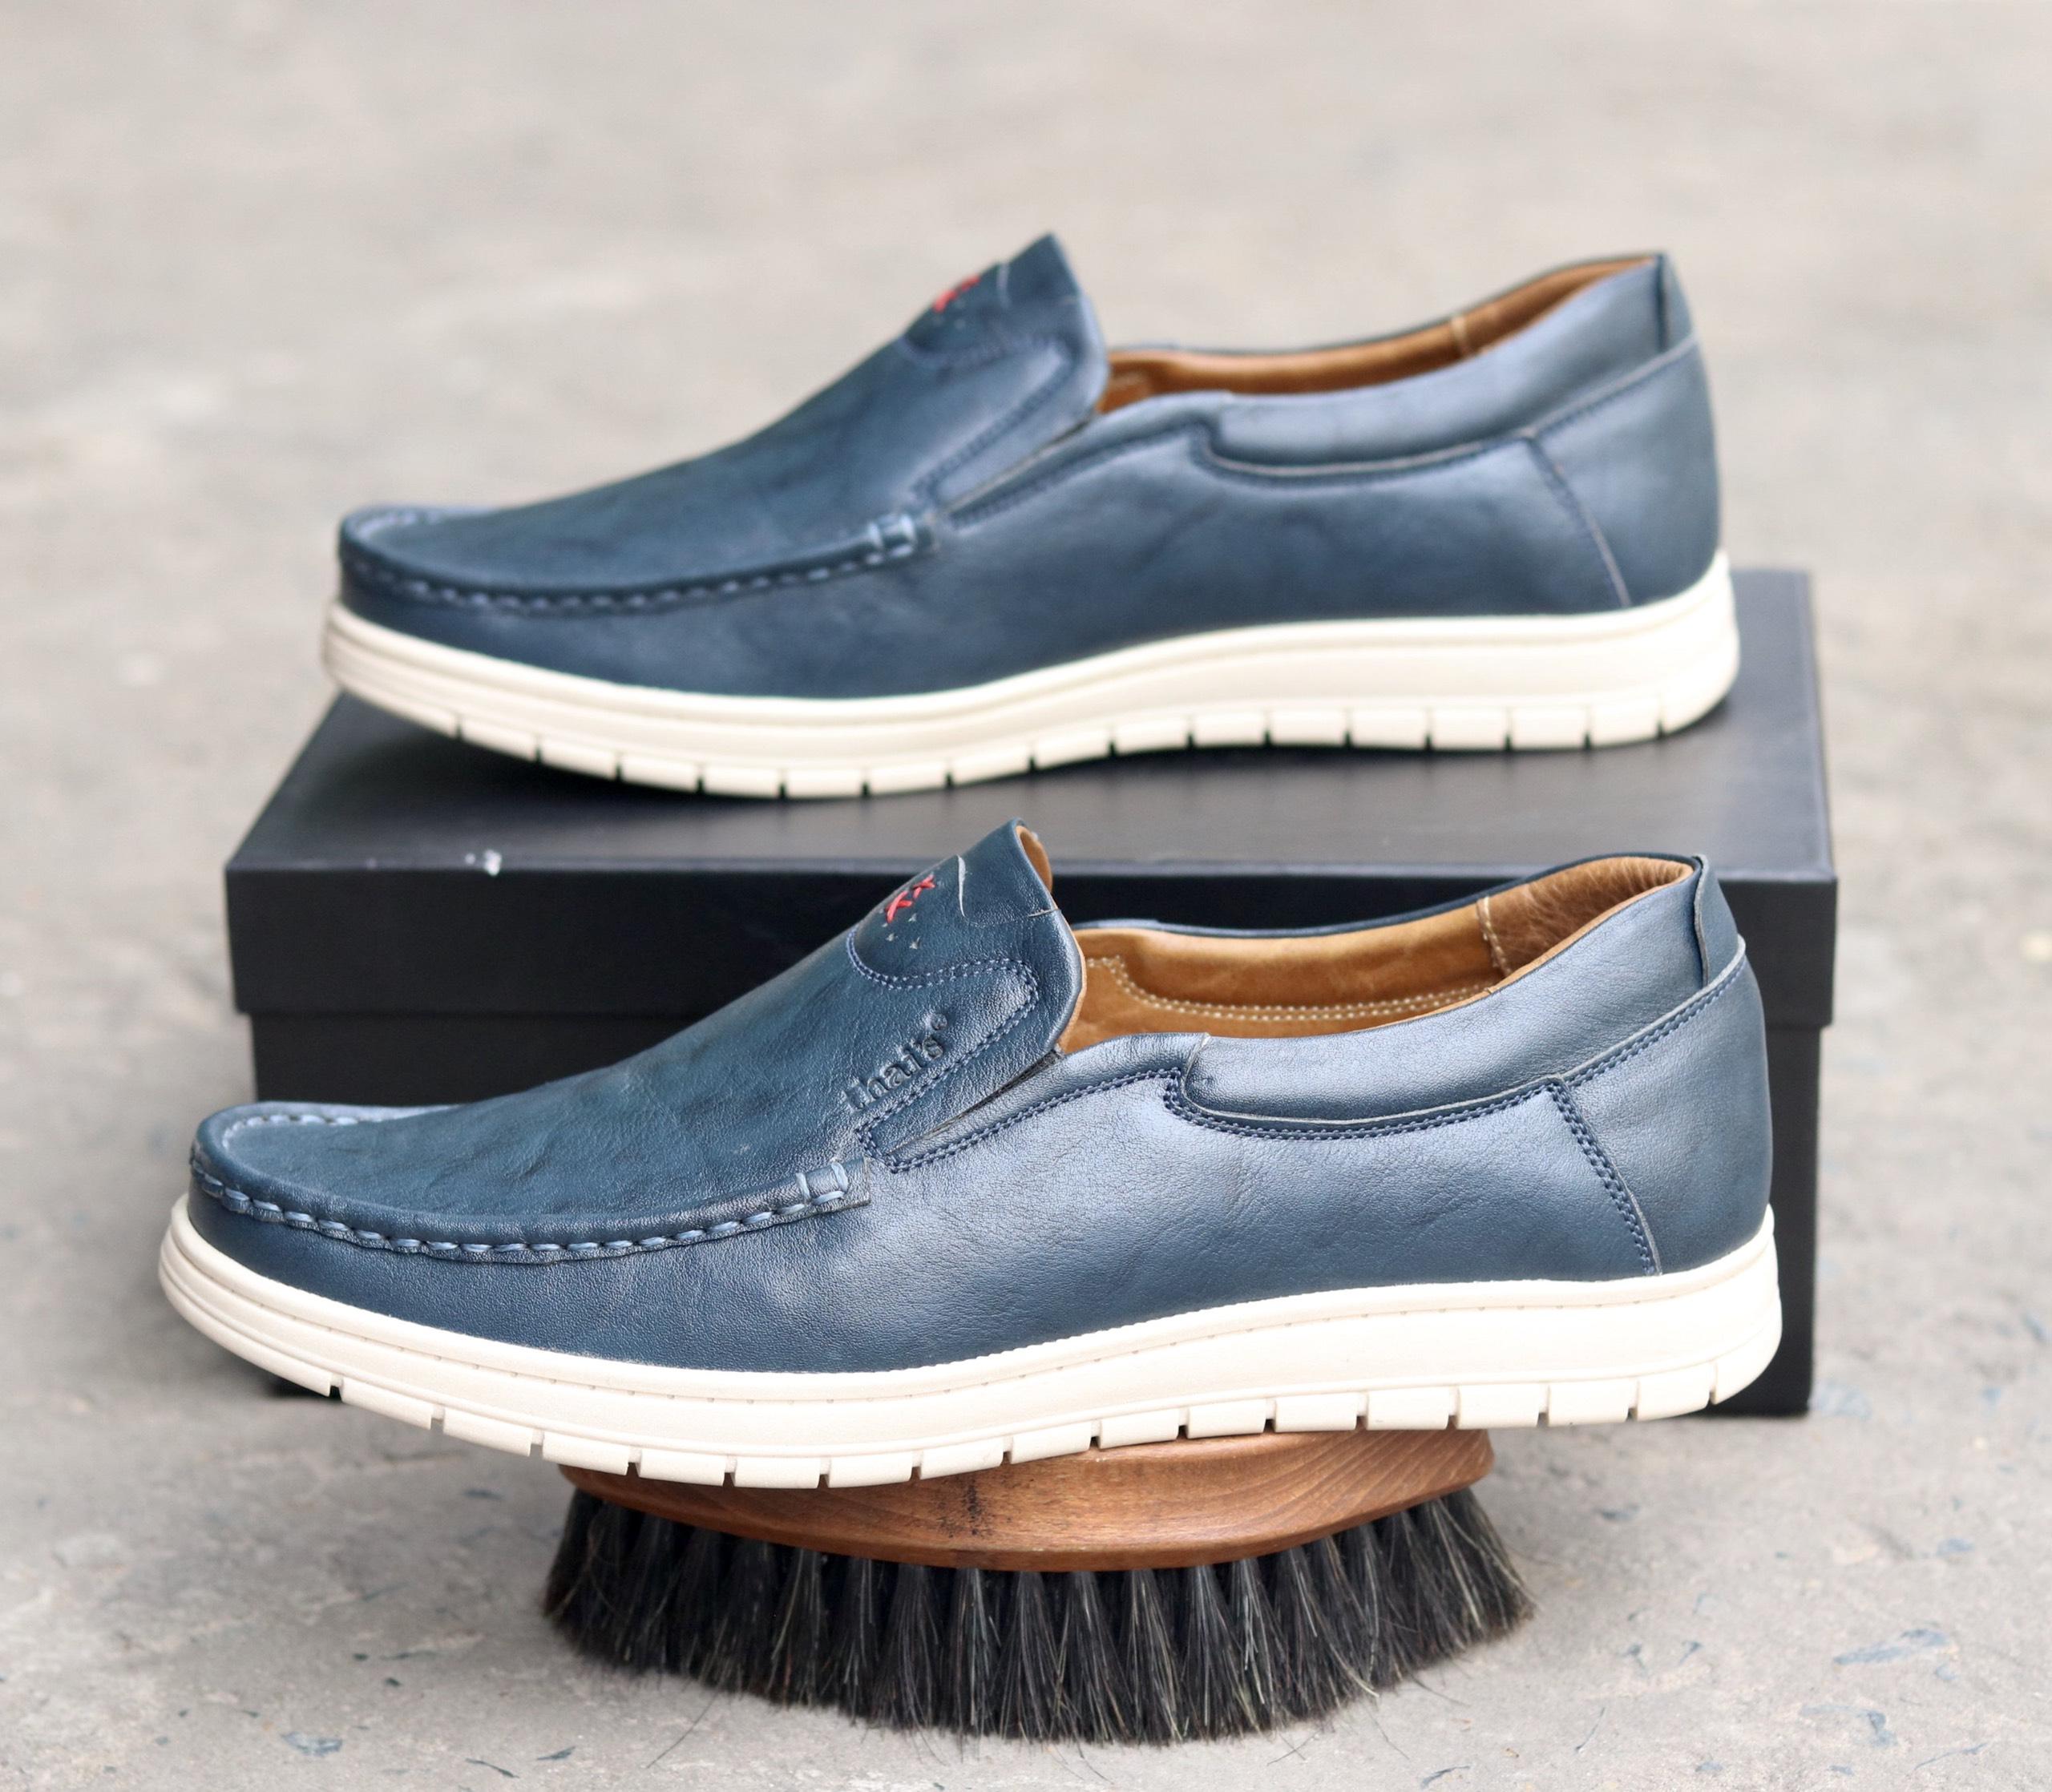 Giày lười da Thái Lan đẹp sang trọng TH04 (Ảnh 4)